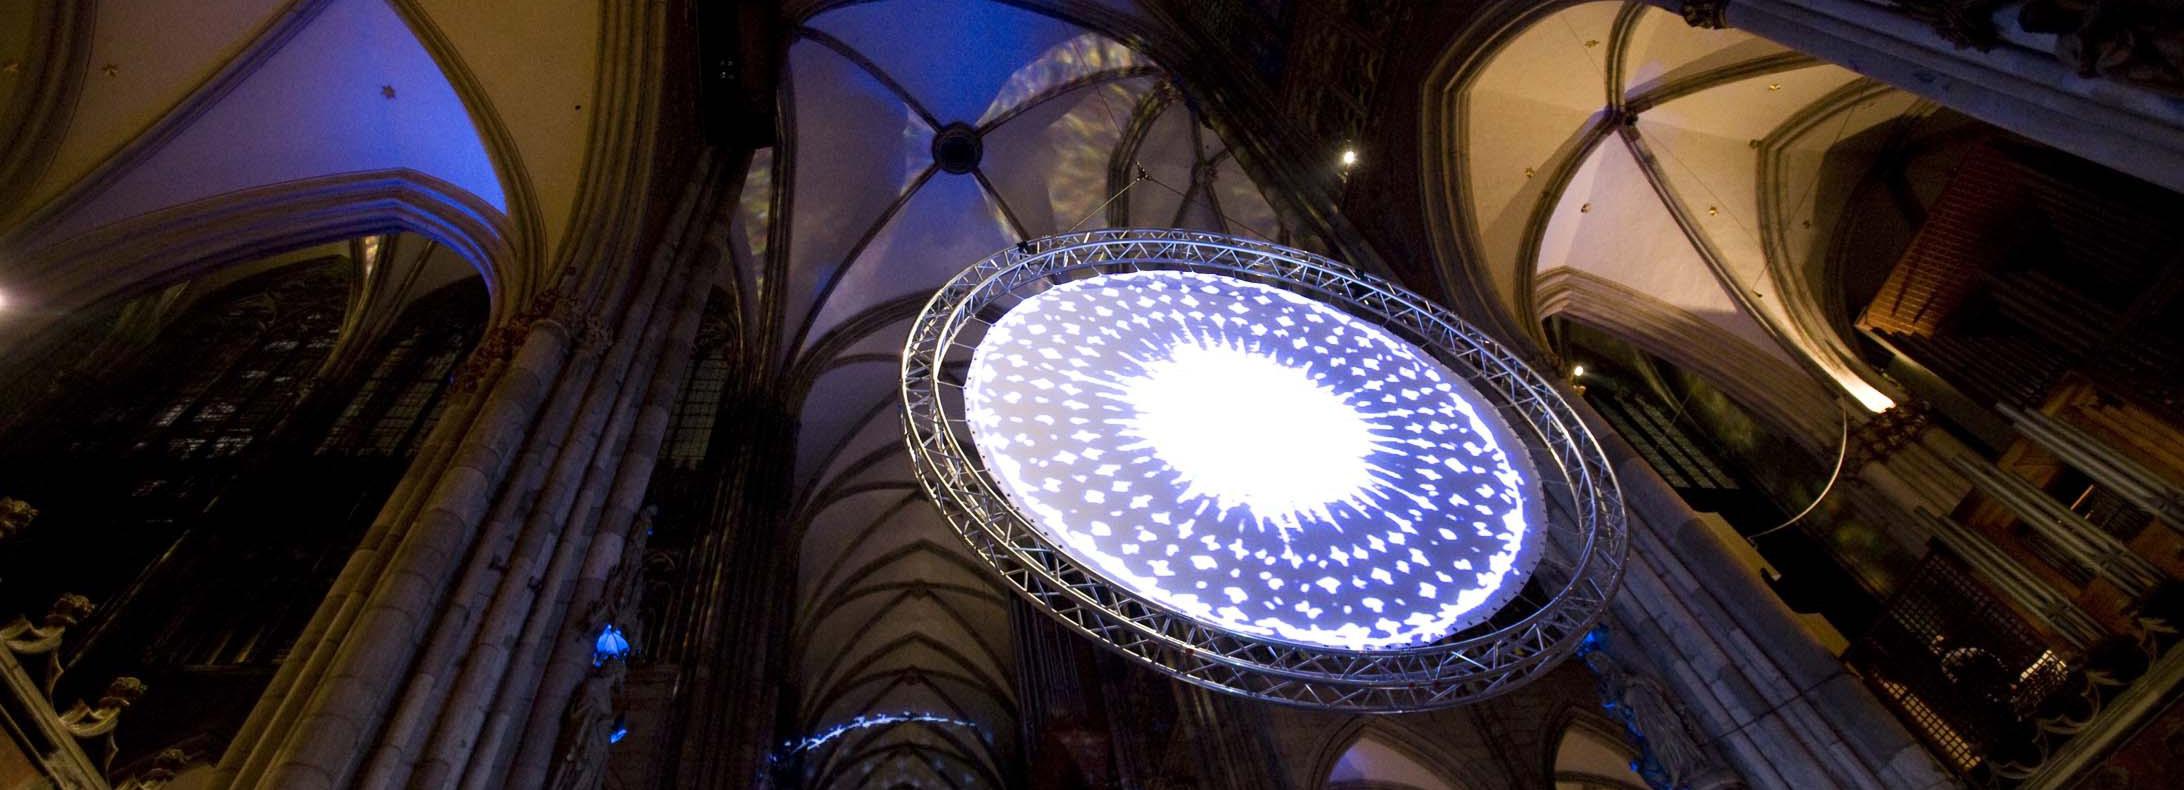 STELLA MARIS, Köln, WasserKlangBild, Photo Adele Marschner.quer